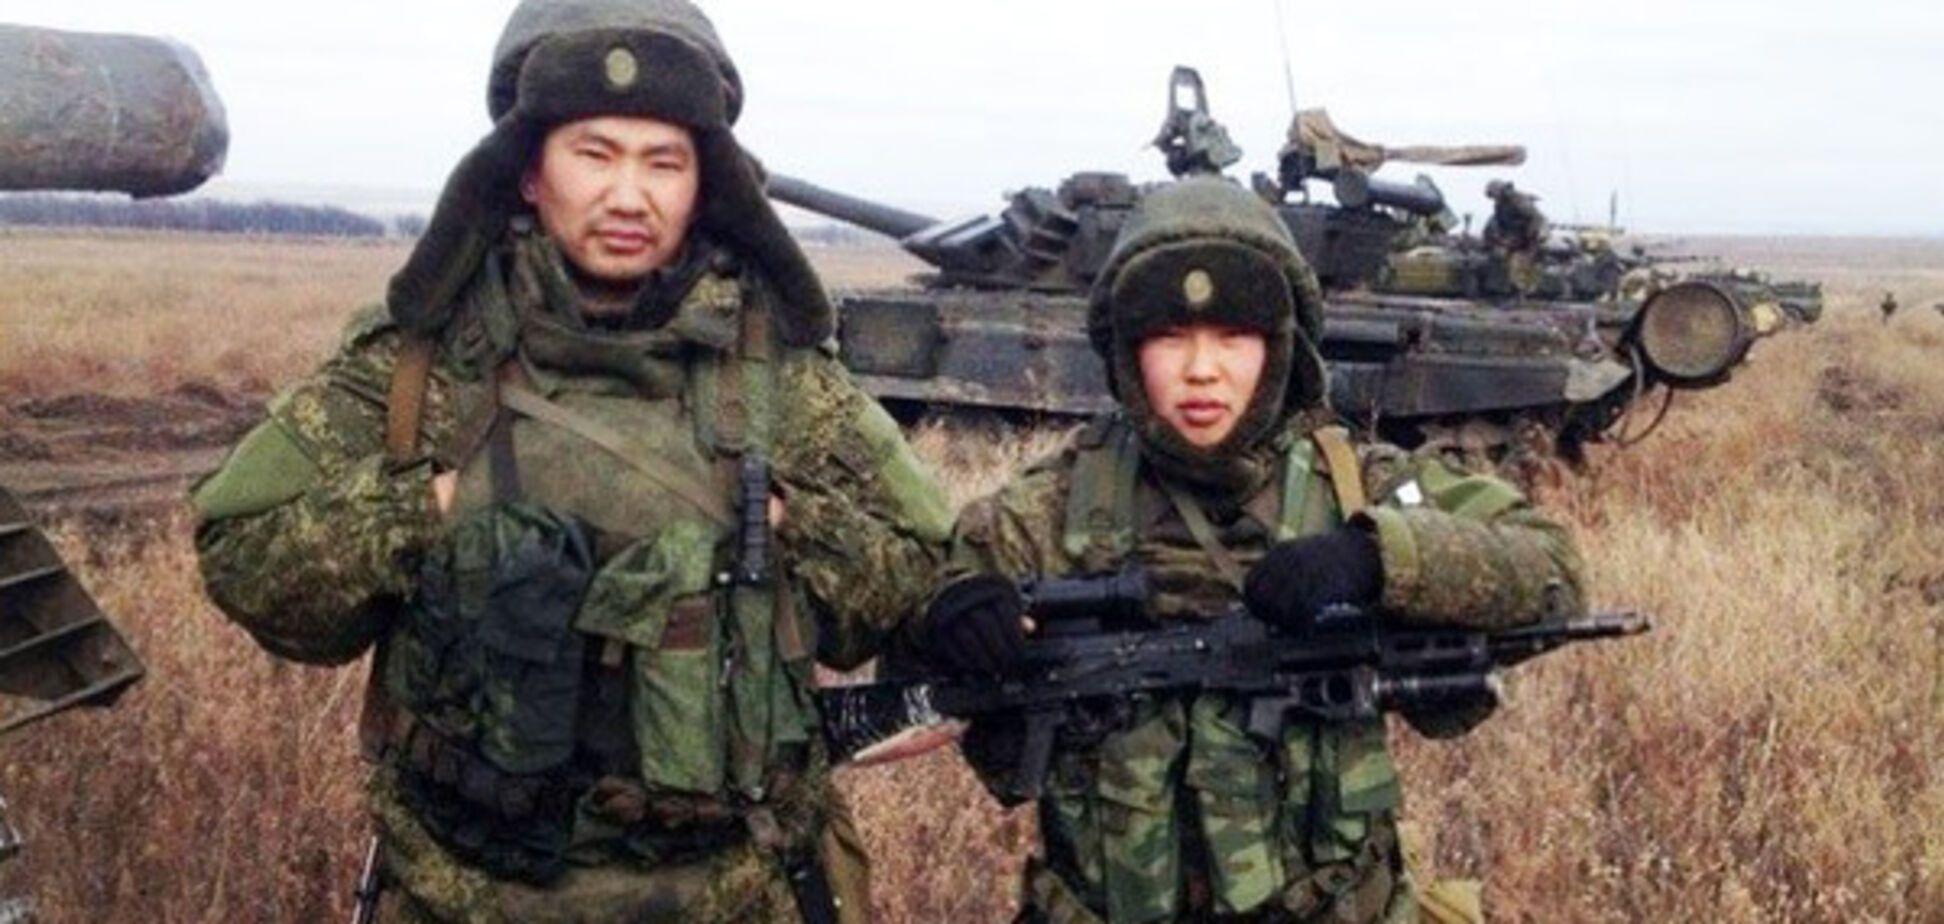 На Донбассе «боевые буряты» ужесточили репрессии против местного населения